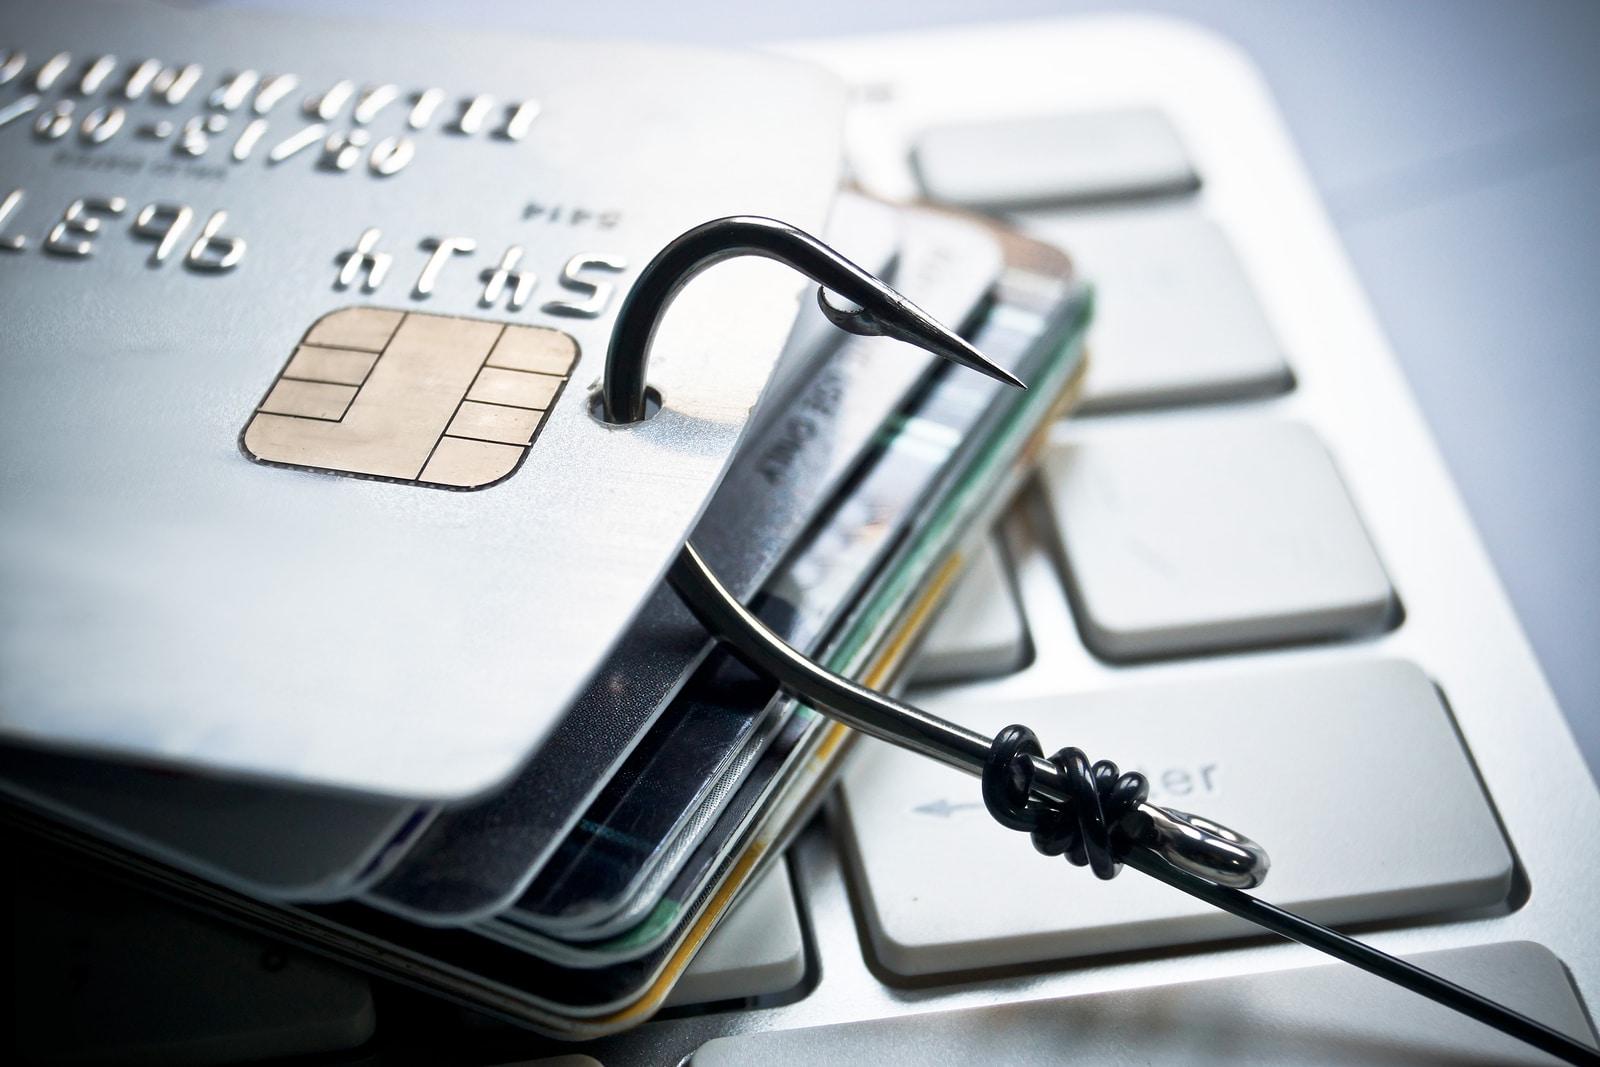 companii înșelătorie email phishing facebook google